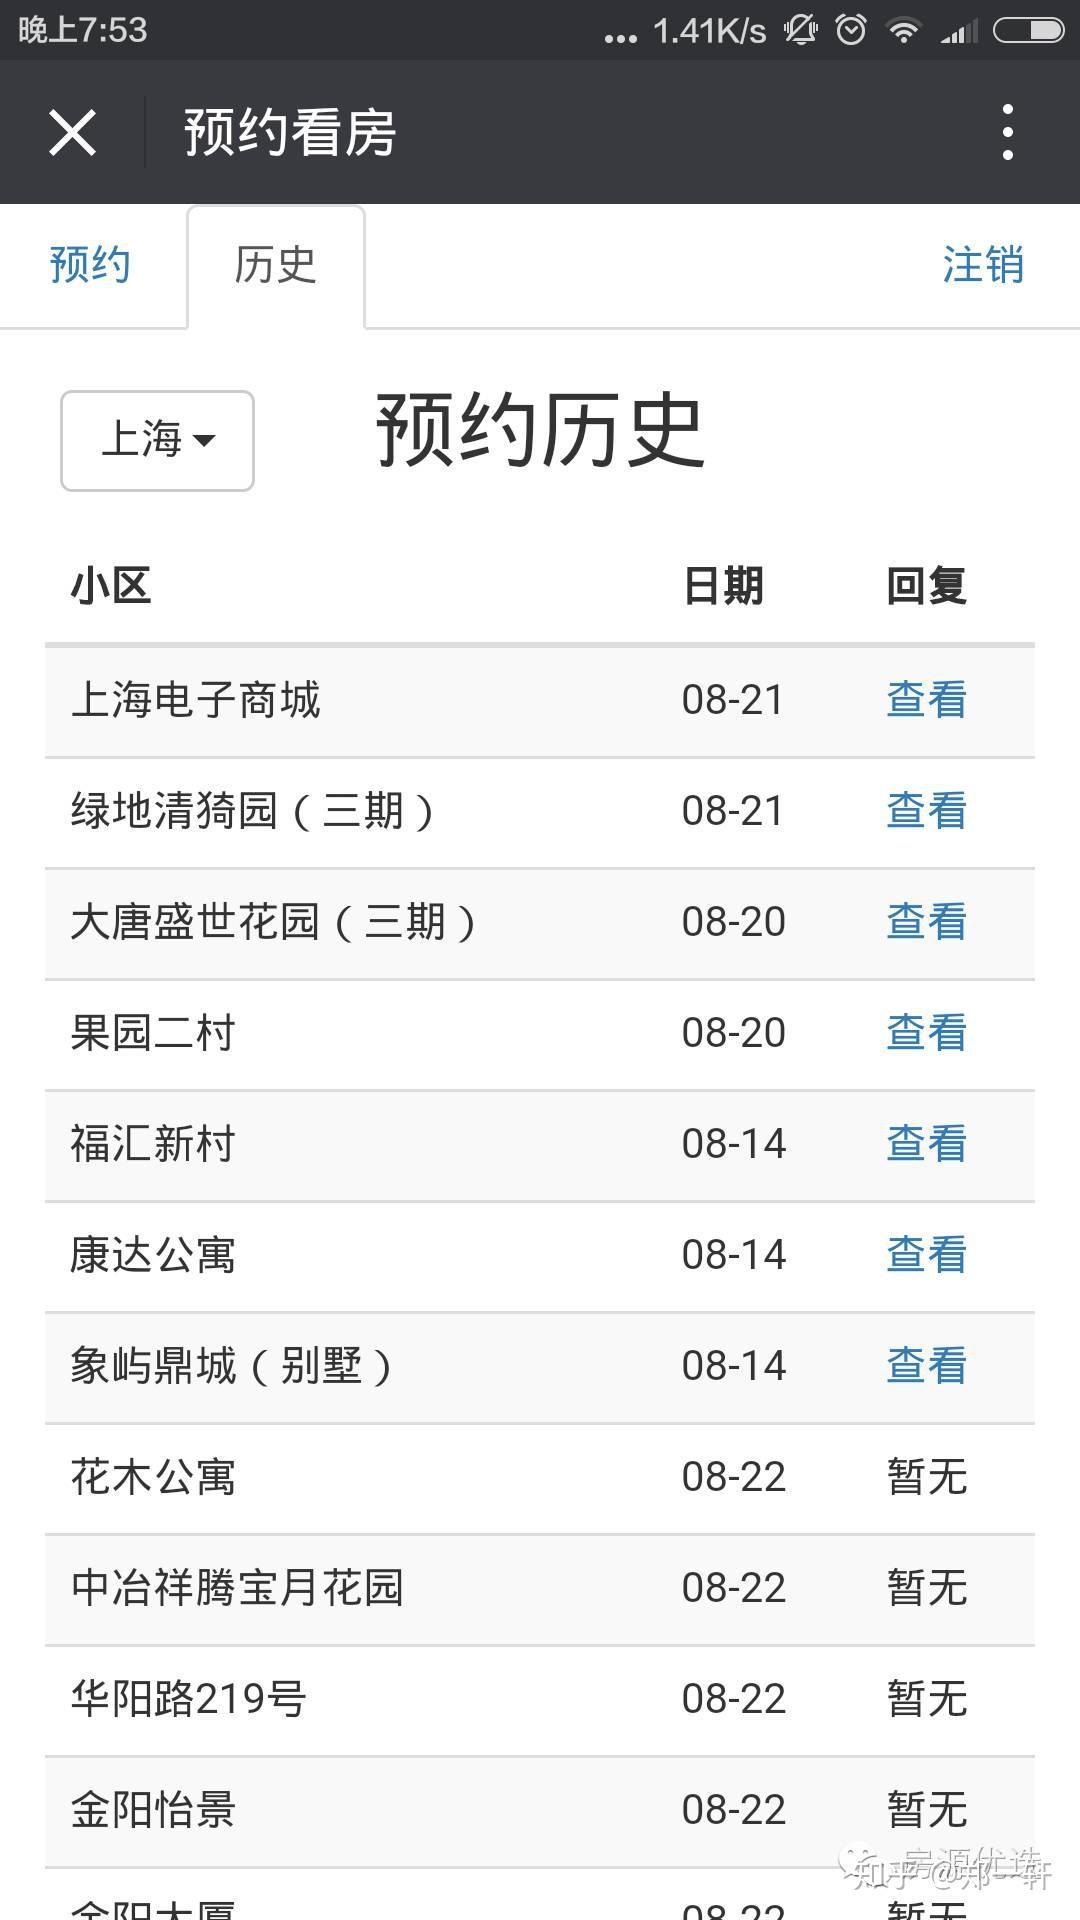 哪个网站房源多_上海买房,哪个平台房源比较靠谱,求推荐? - 知乎